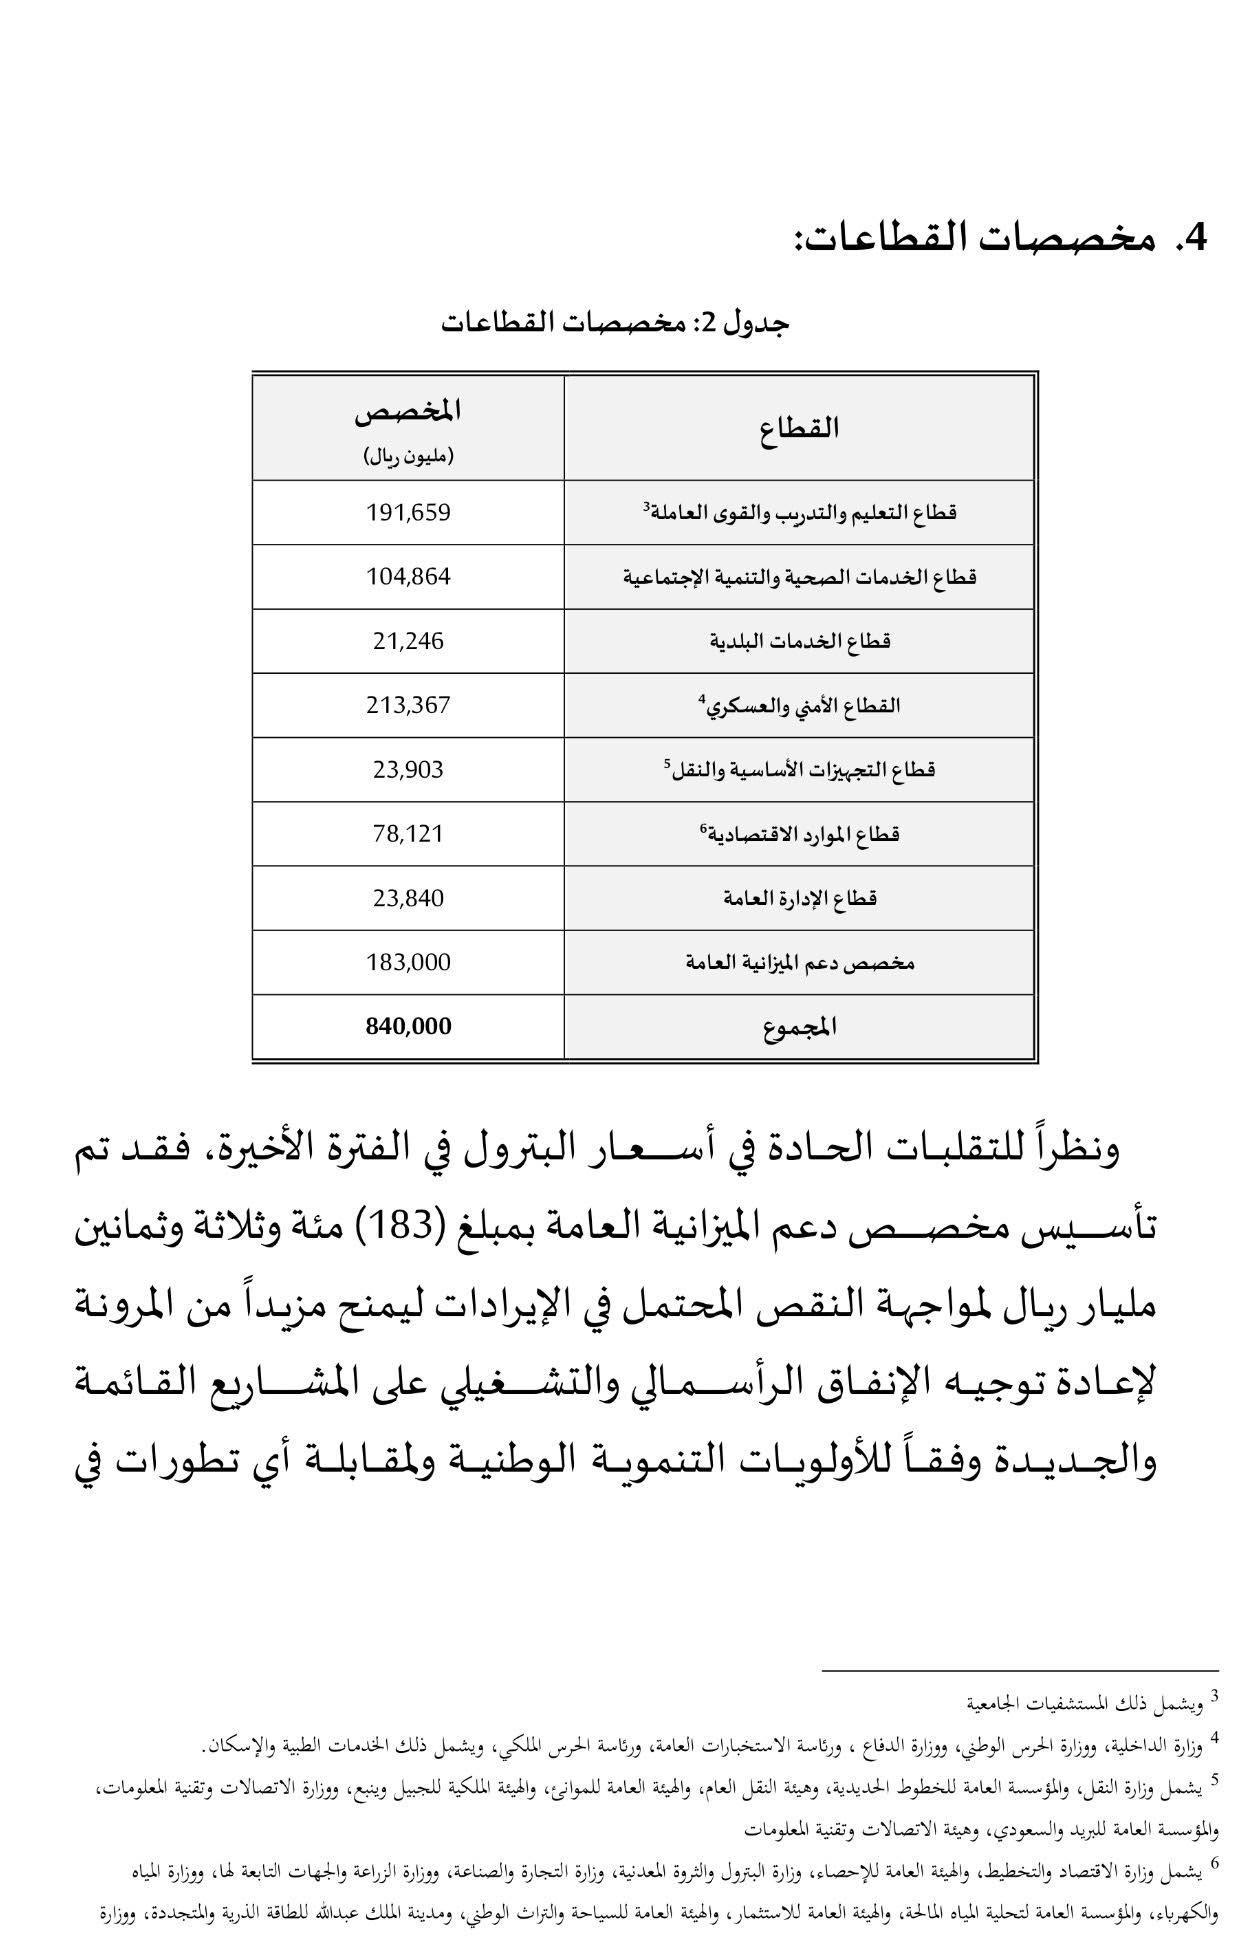 جدول مخصصات القطاعات الحكومية في ميزانية 2016